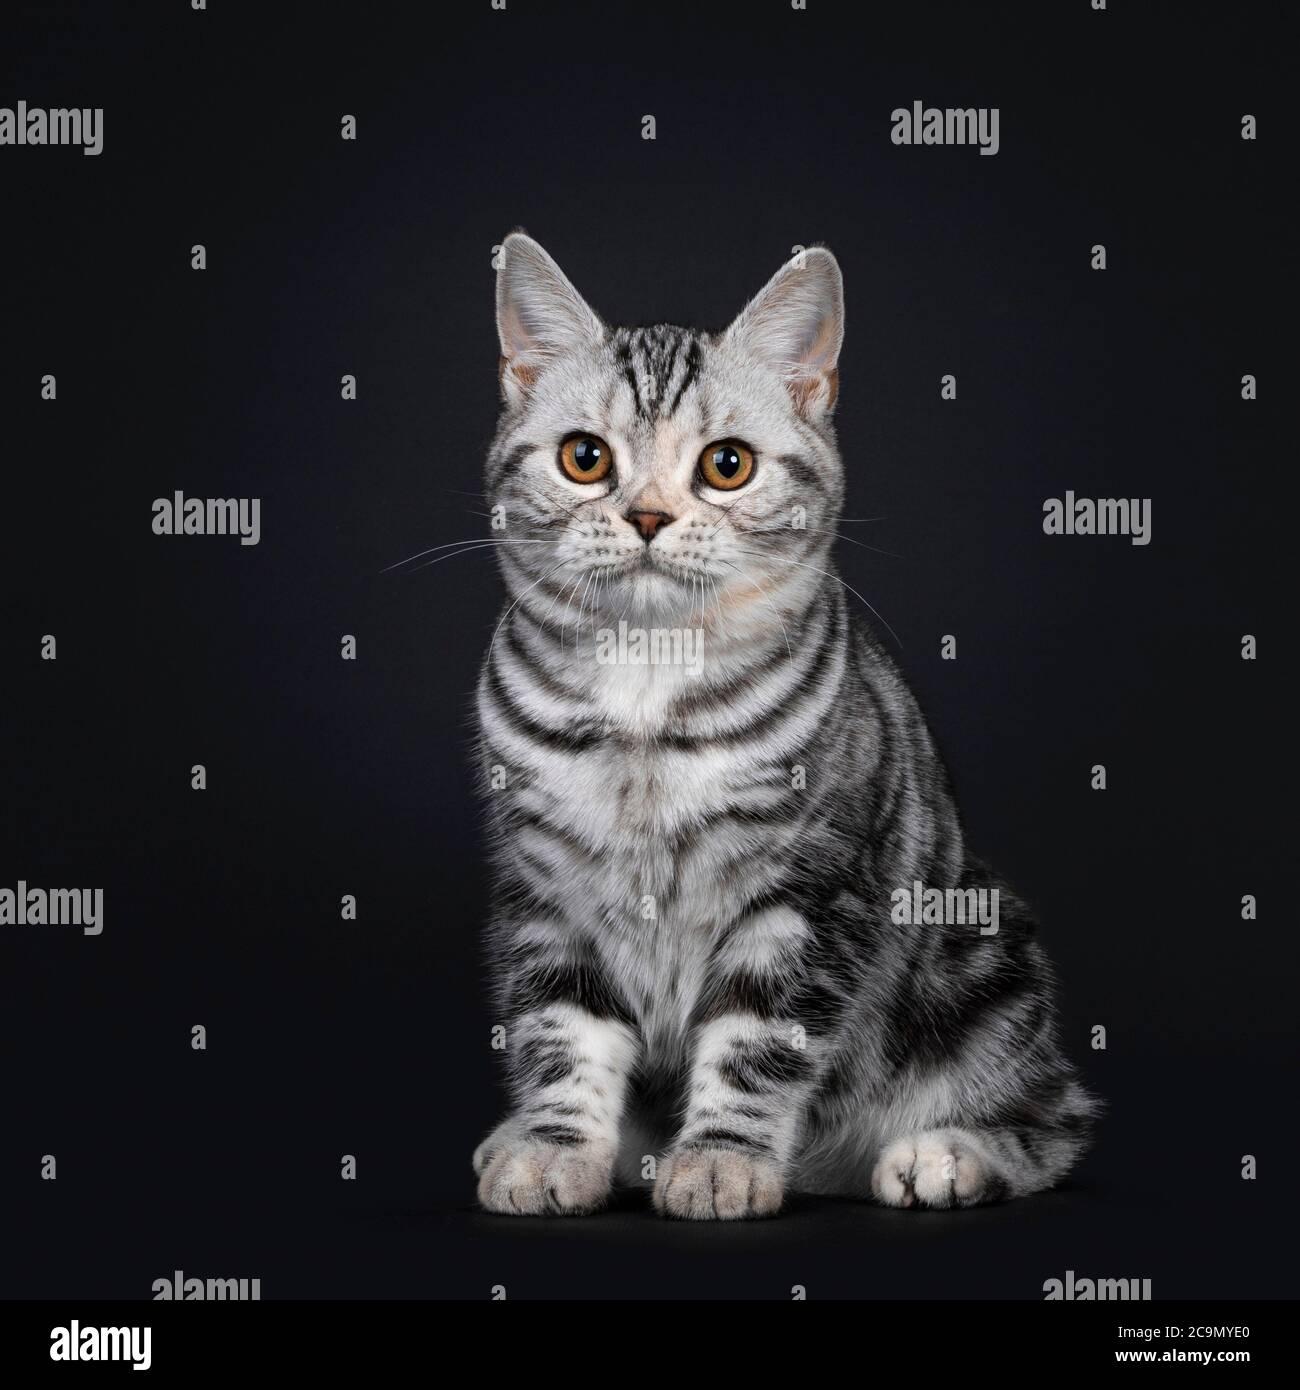 Mignon argent tortie américain Shorthair chat chaton, assis côtés. Regarder à côté de l'appareil photo avec les yeux orange. Isolé sur fond noir. Banque D'Images